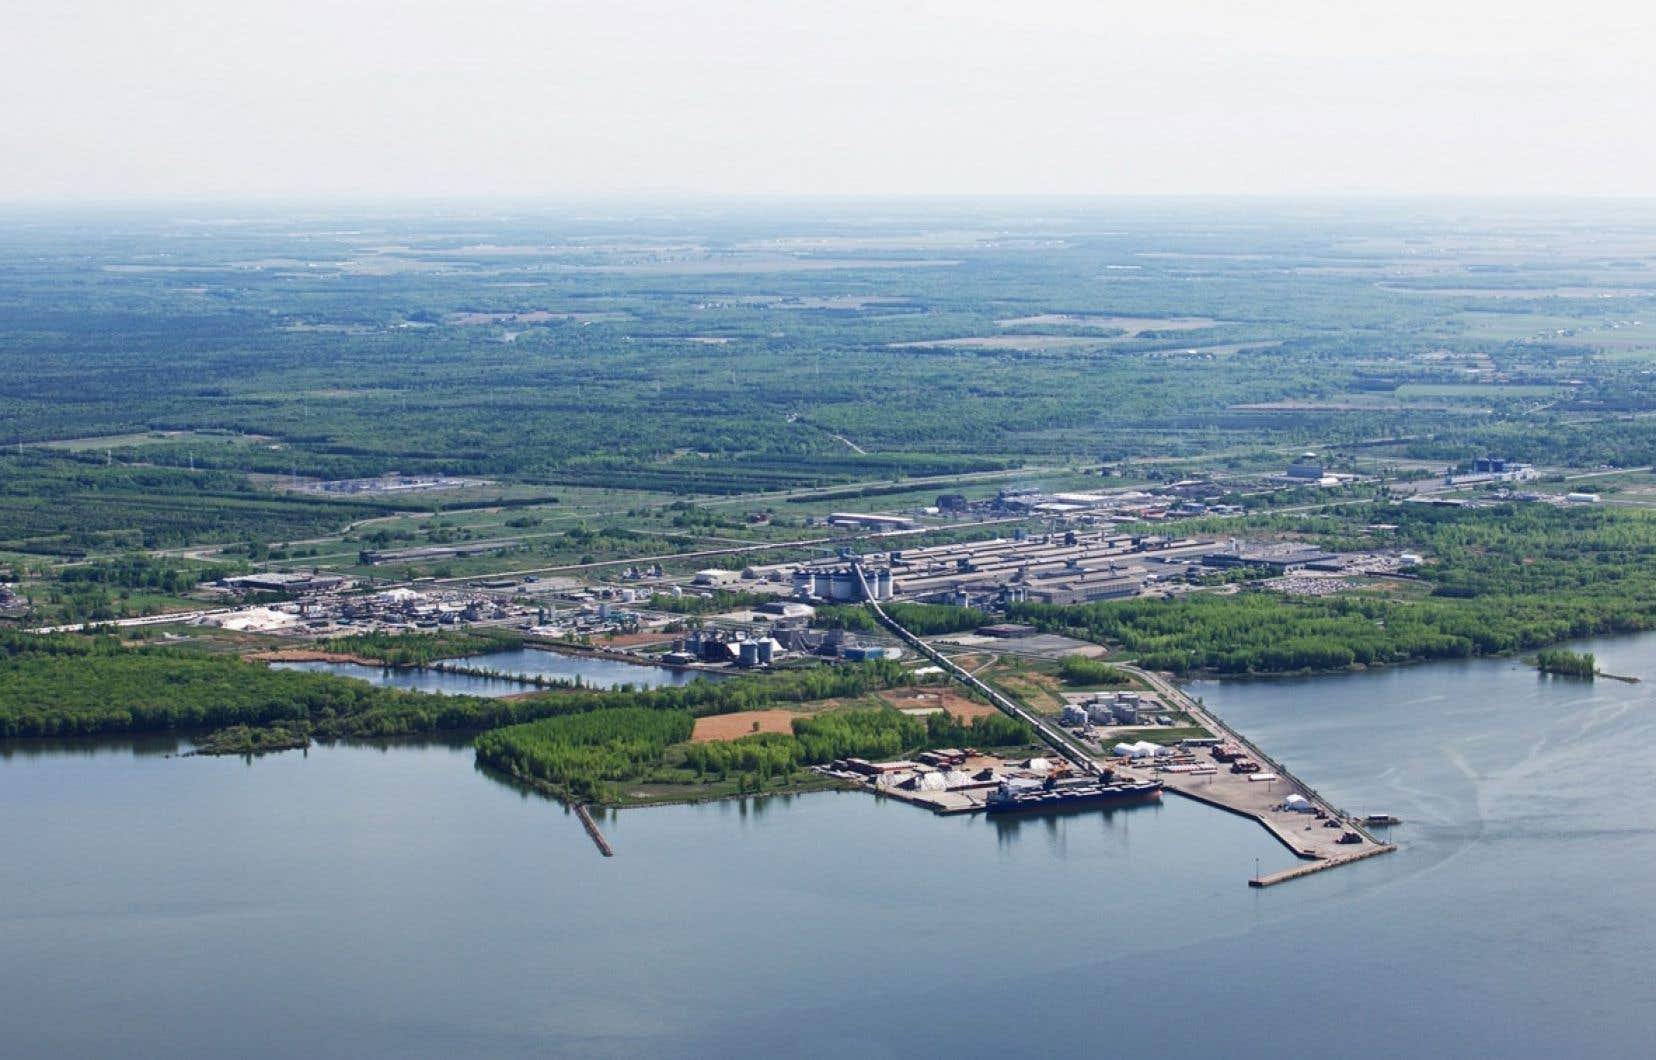 <p>L'usine de Bécancour devait produire chaque année 780000 tonnes d'urée, ce qui signifie que la majorité de la production aurait été destinée à l'exportation.</p>